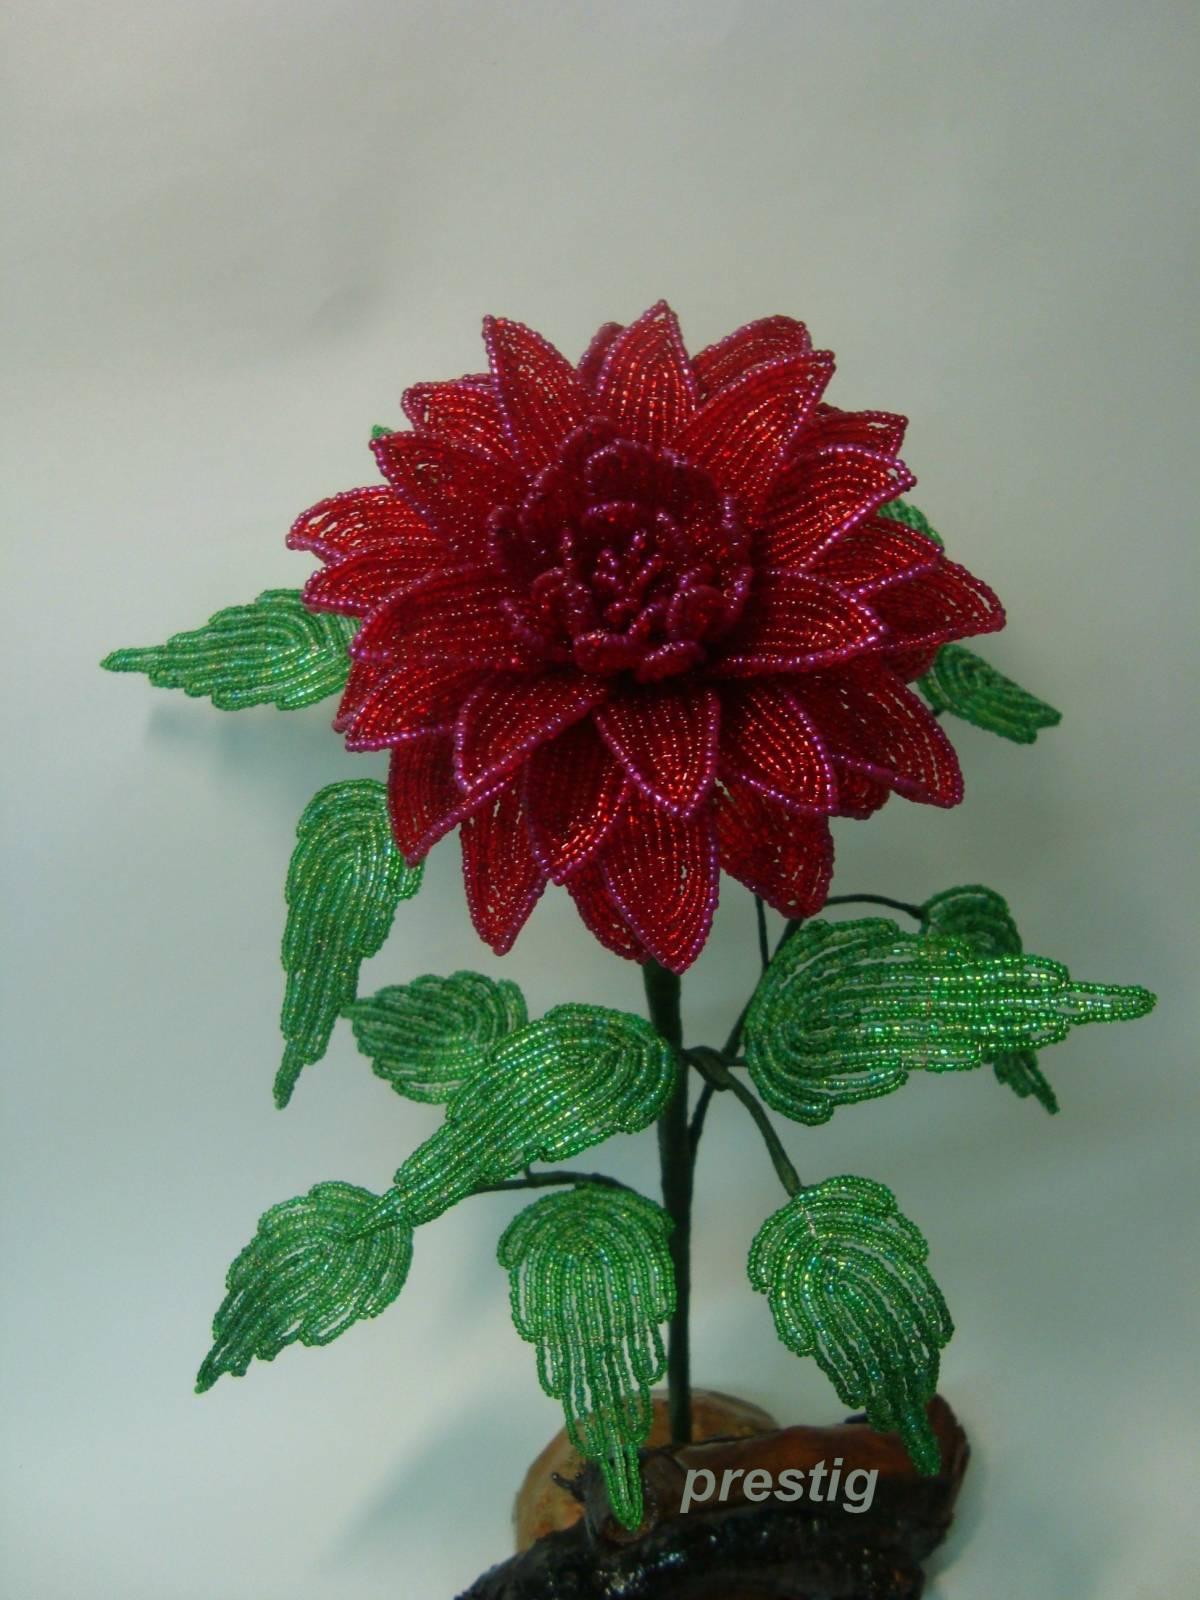 Oct 4, 2011 - Георгин (бисероплетение, мастер-класс). .  Сегодня мы попробуем сделать не сложный цветочек георгин. .